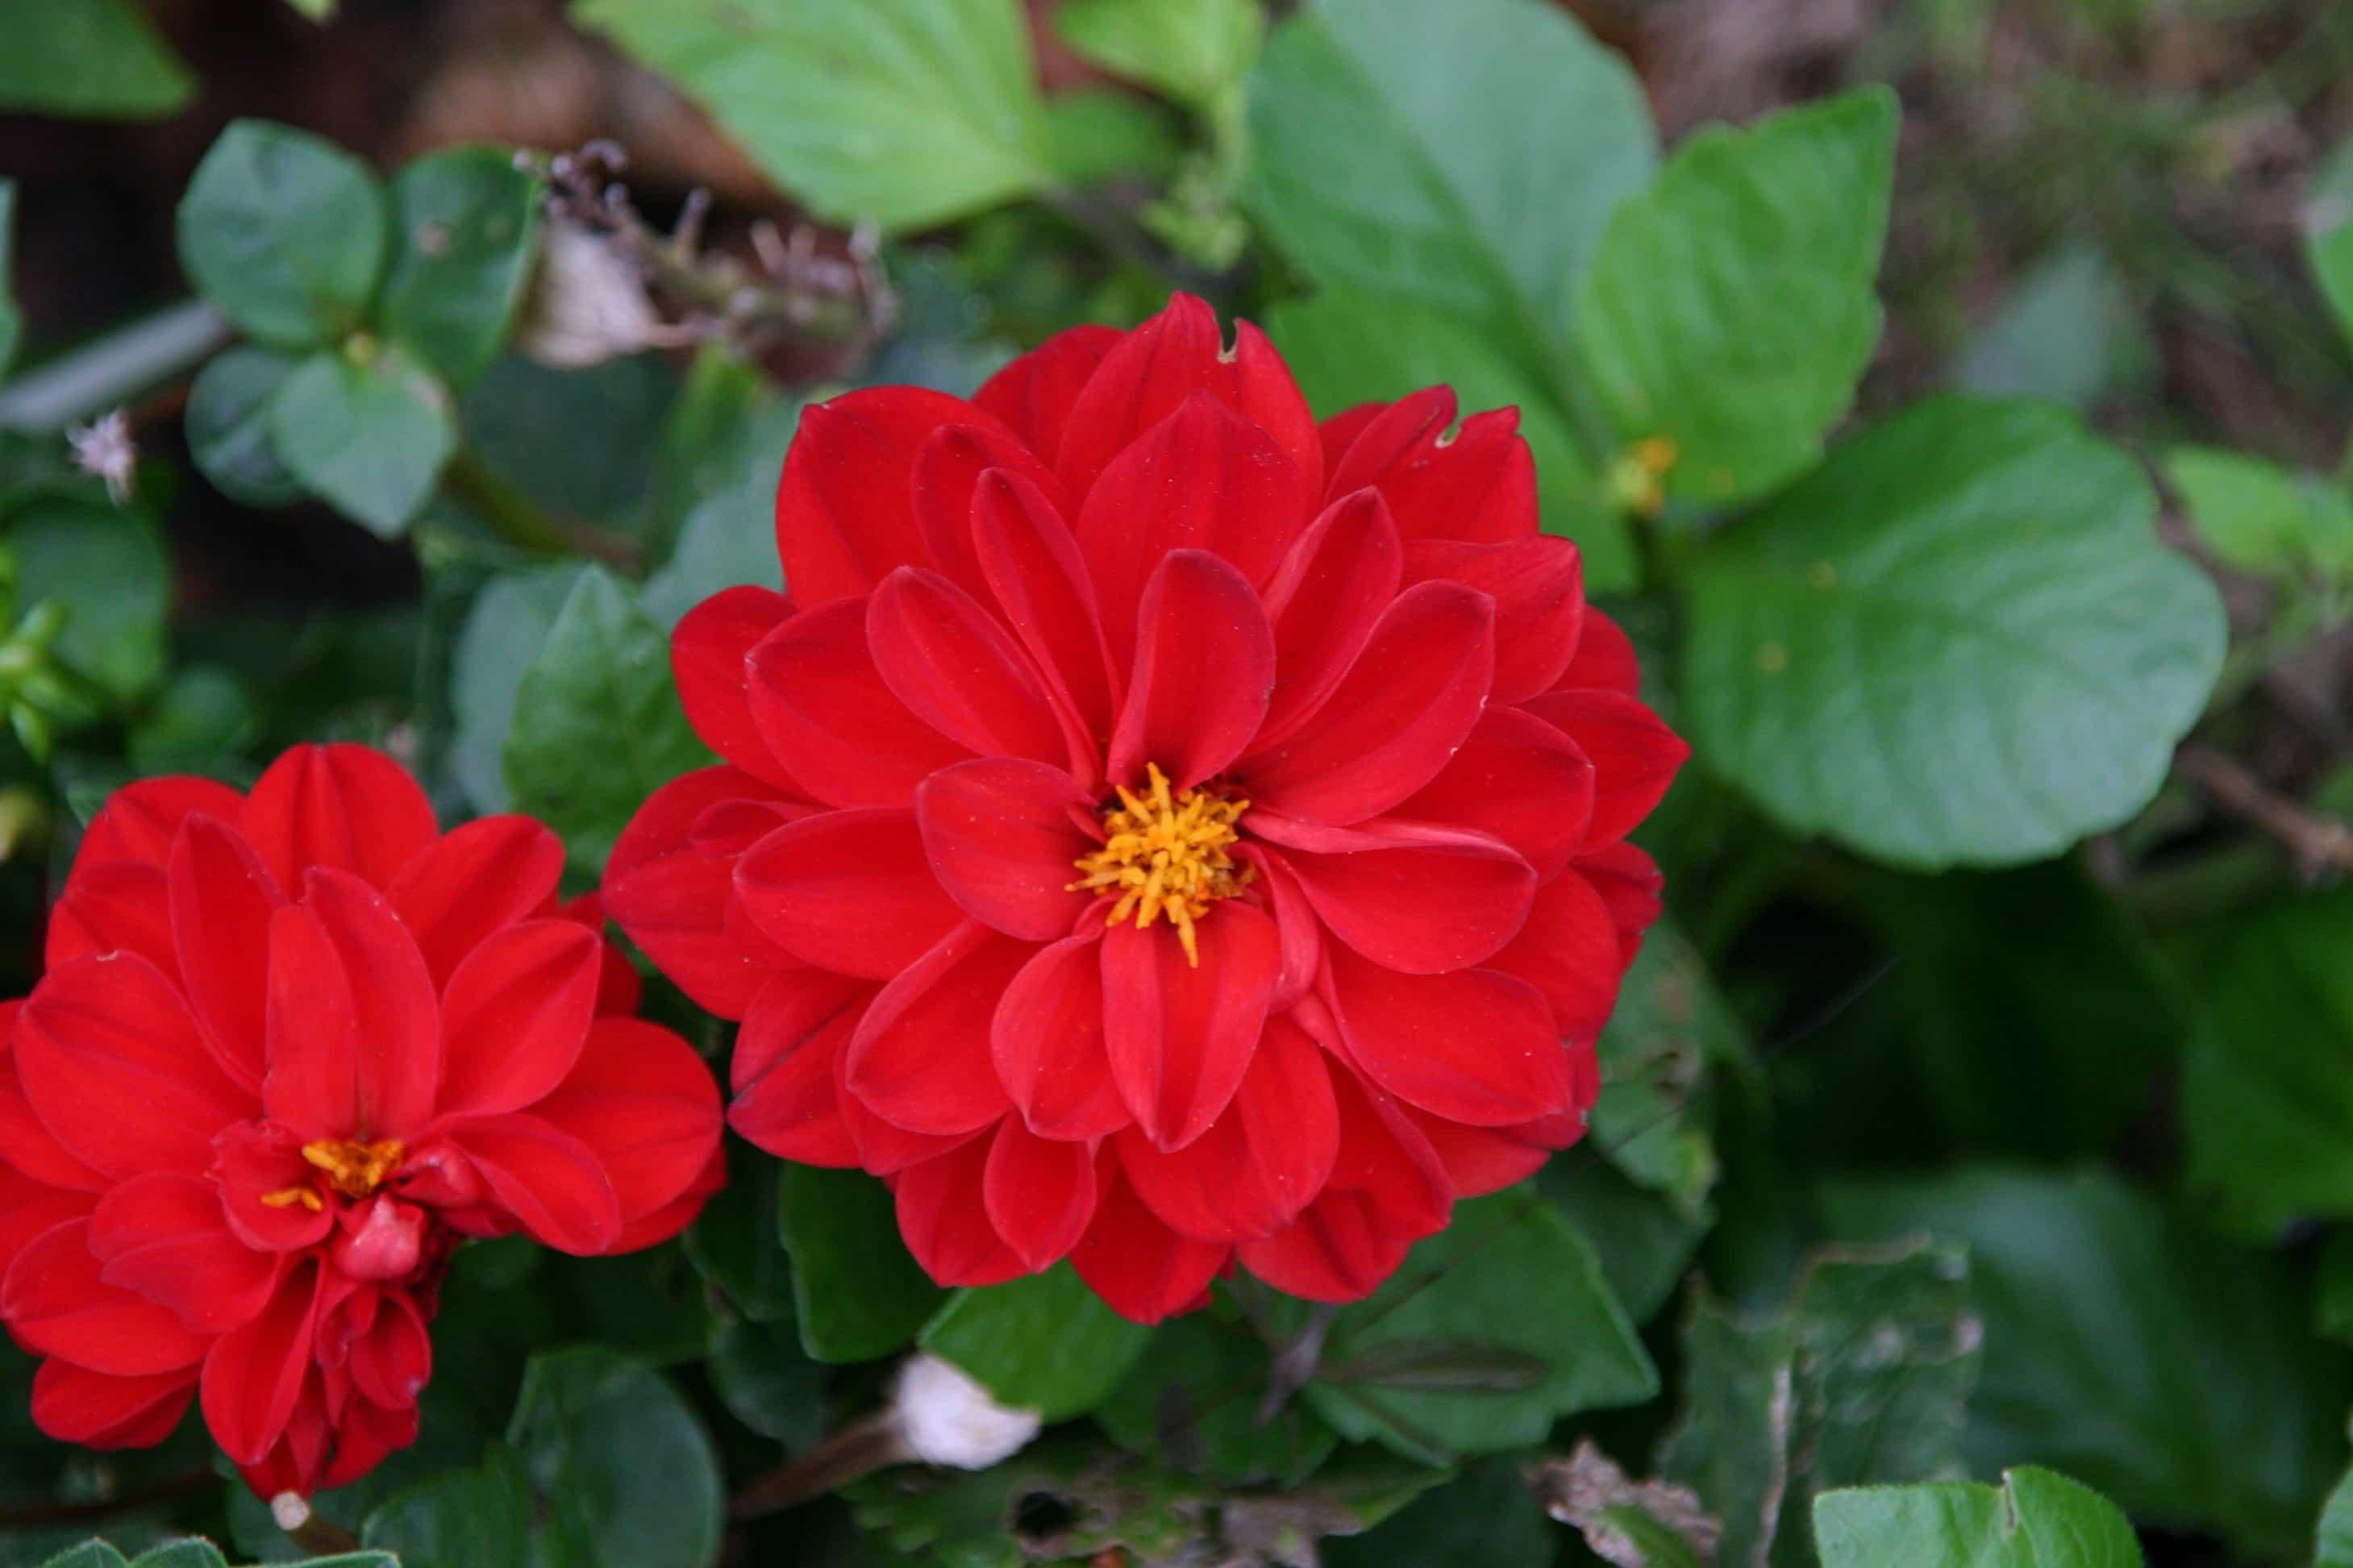 Kostenlose bild natur blumen flora garten blatt sommer rote natur blumen flora garten blatt sommer rote blume im freien thecheapjerseys Images